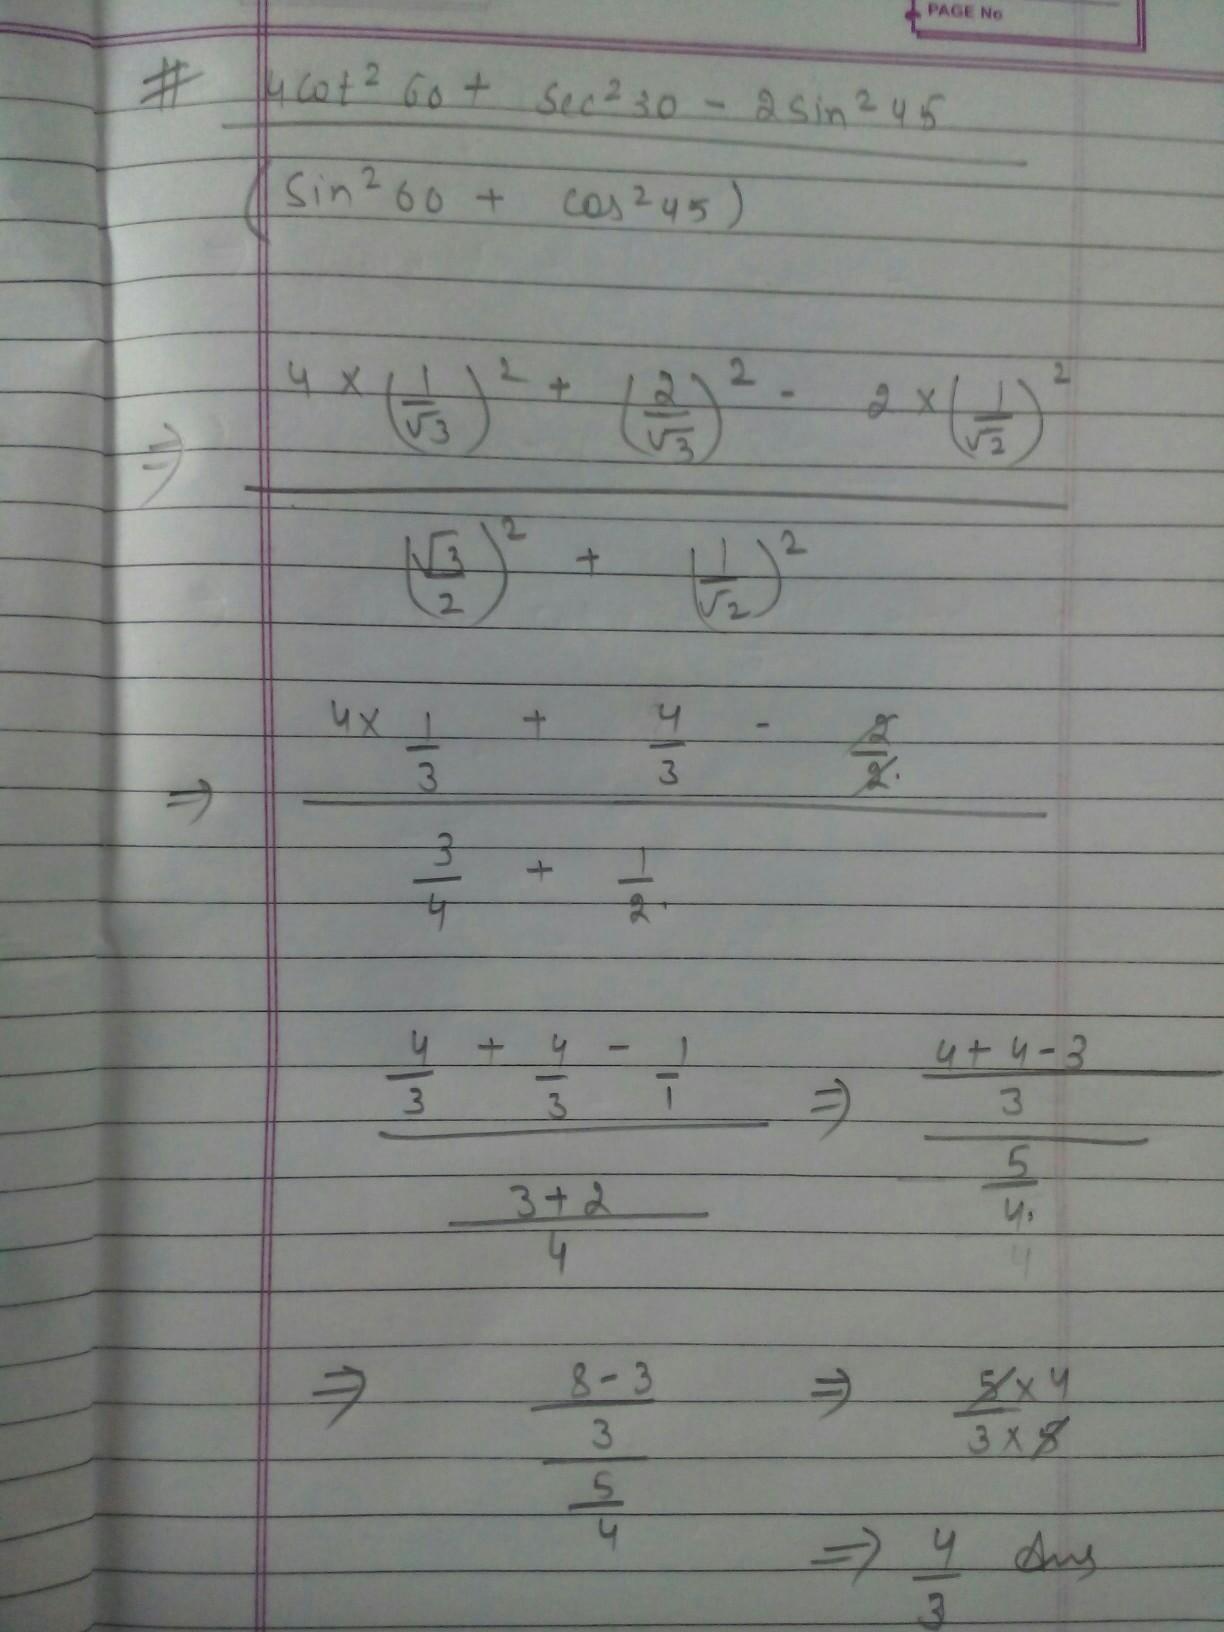 Evaluate sec(0)^2 | Mathway